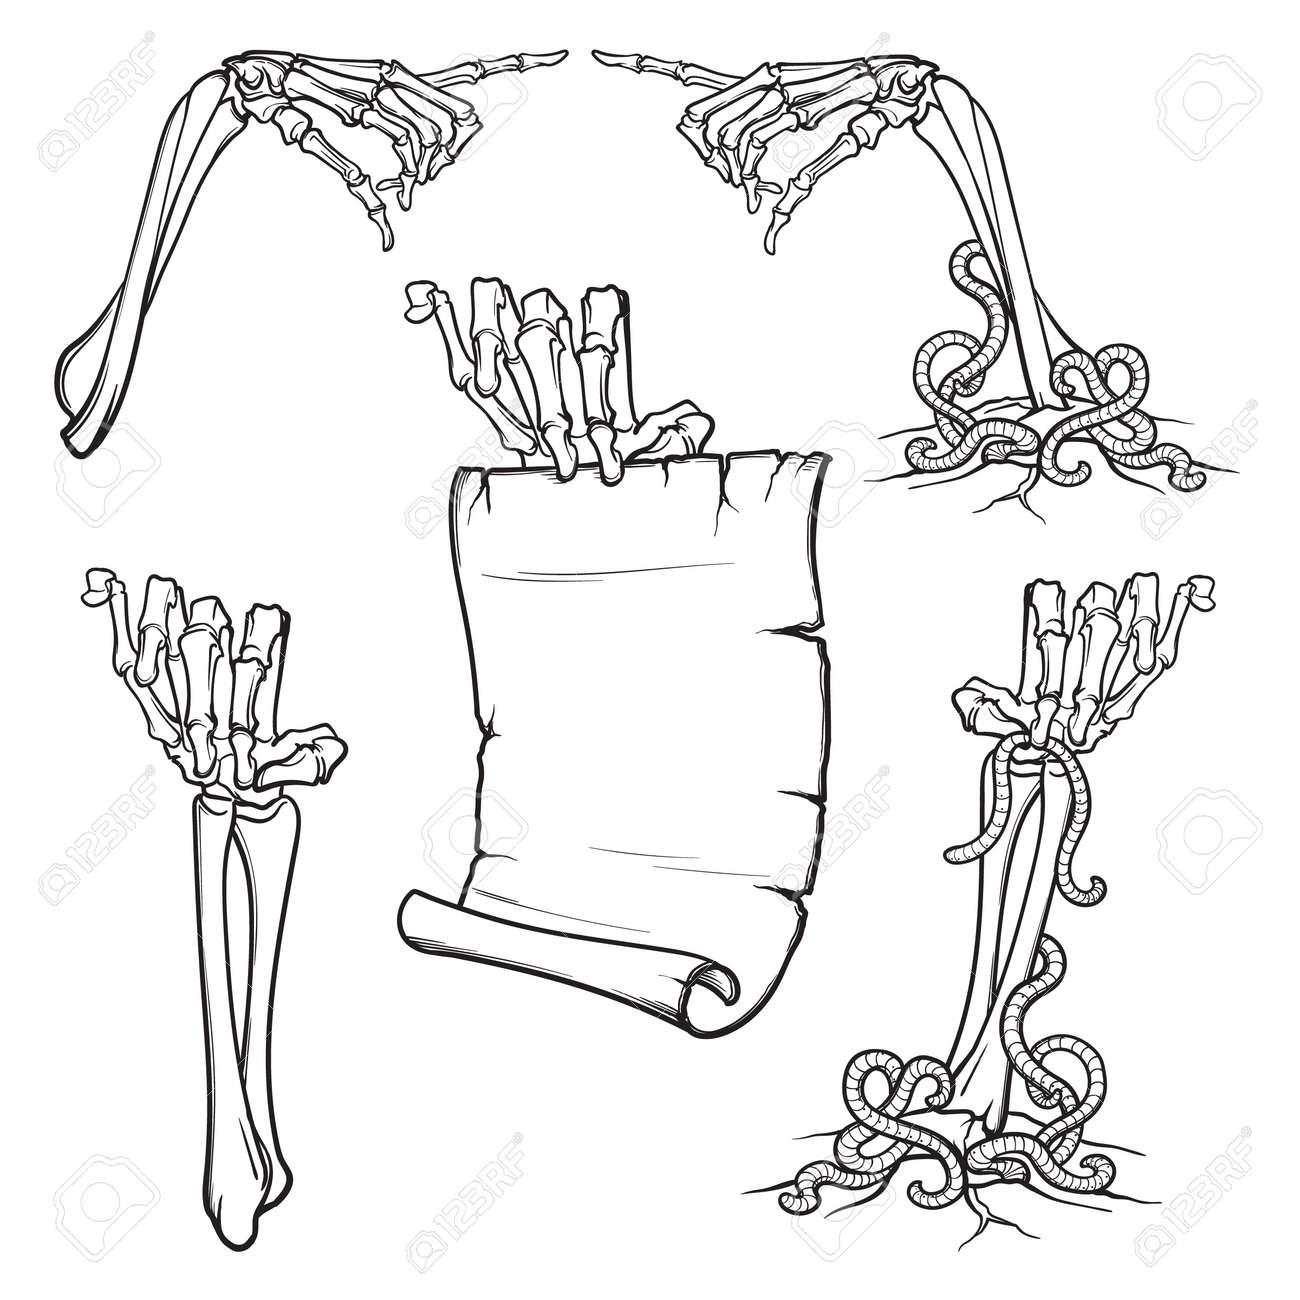 骸骨の手のアイコンのイラスト素材ベクタ Image 88094549